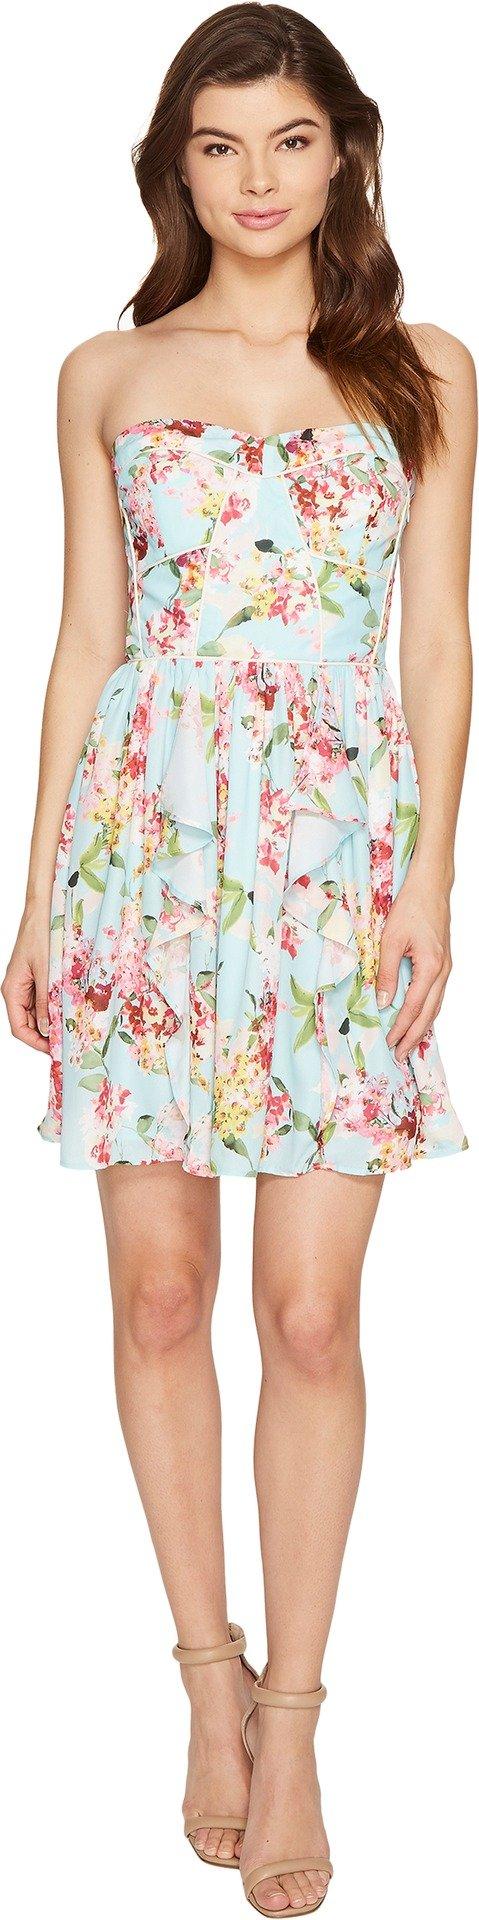 Adelyn Rae Women's Valerie Woven Printed Strapless Dress Aquamarine Dress